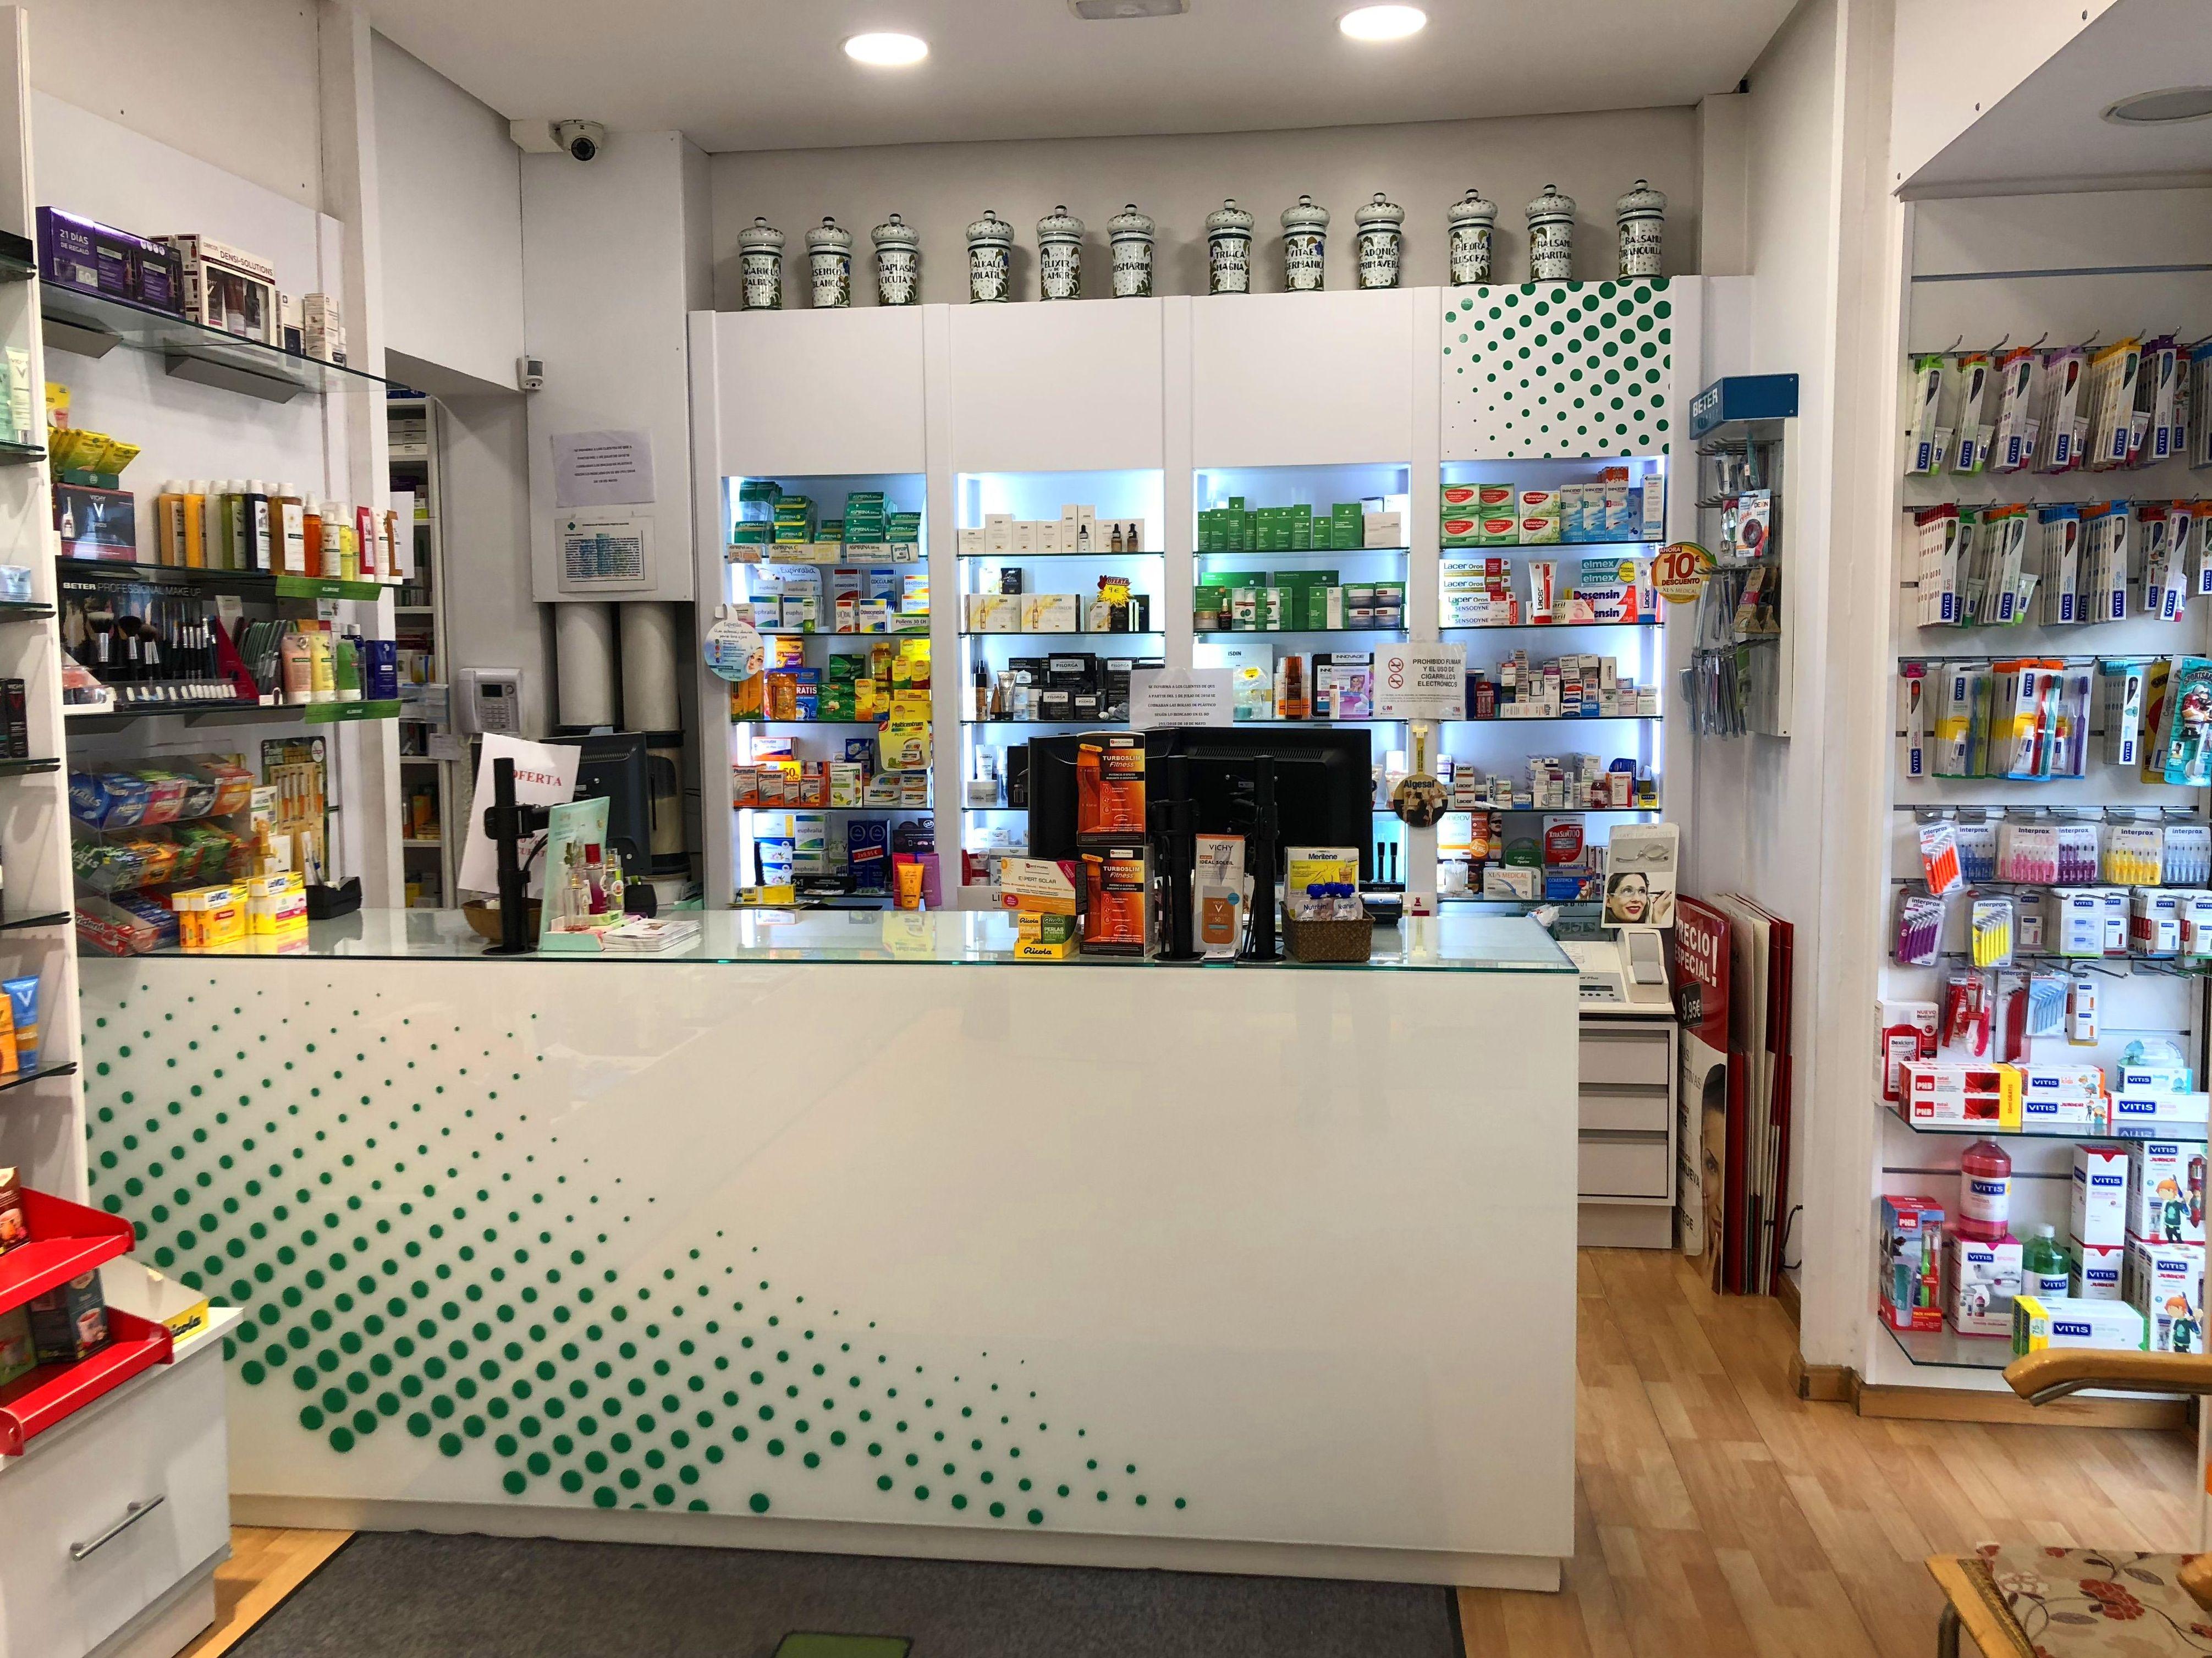 Foto 1 de Farmacias en Madrid | Farmacia Mª Rosario Prieto Sastre